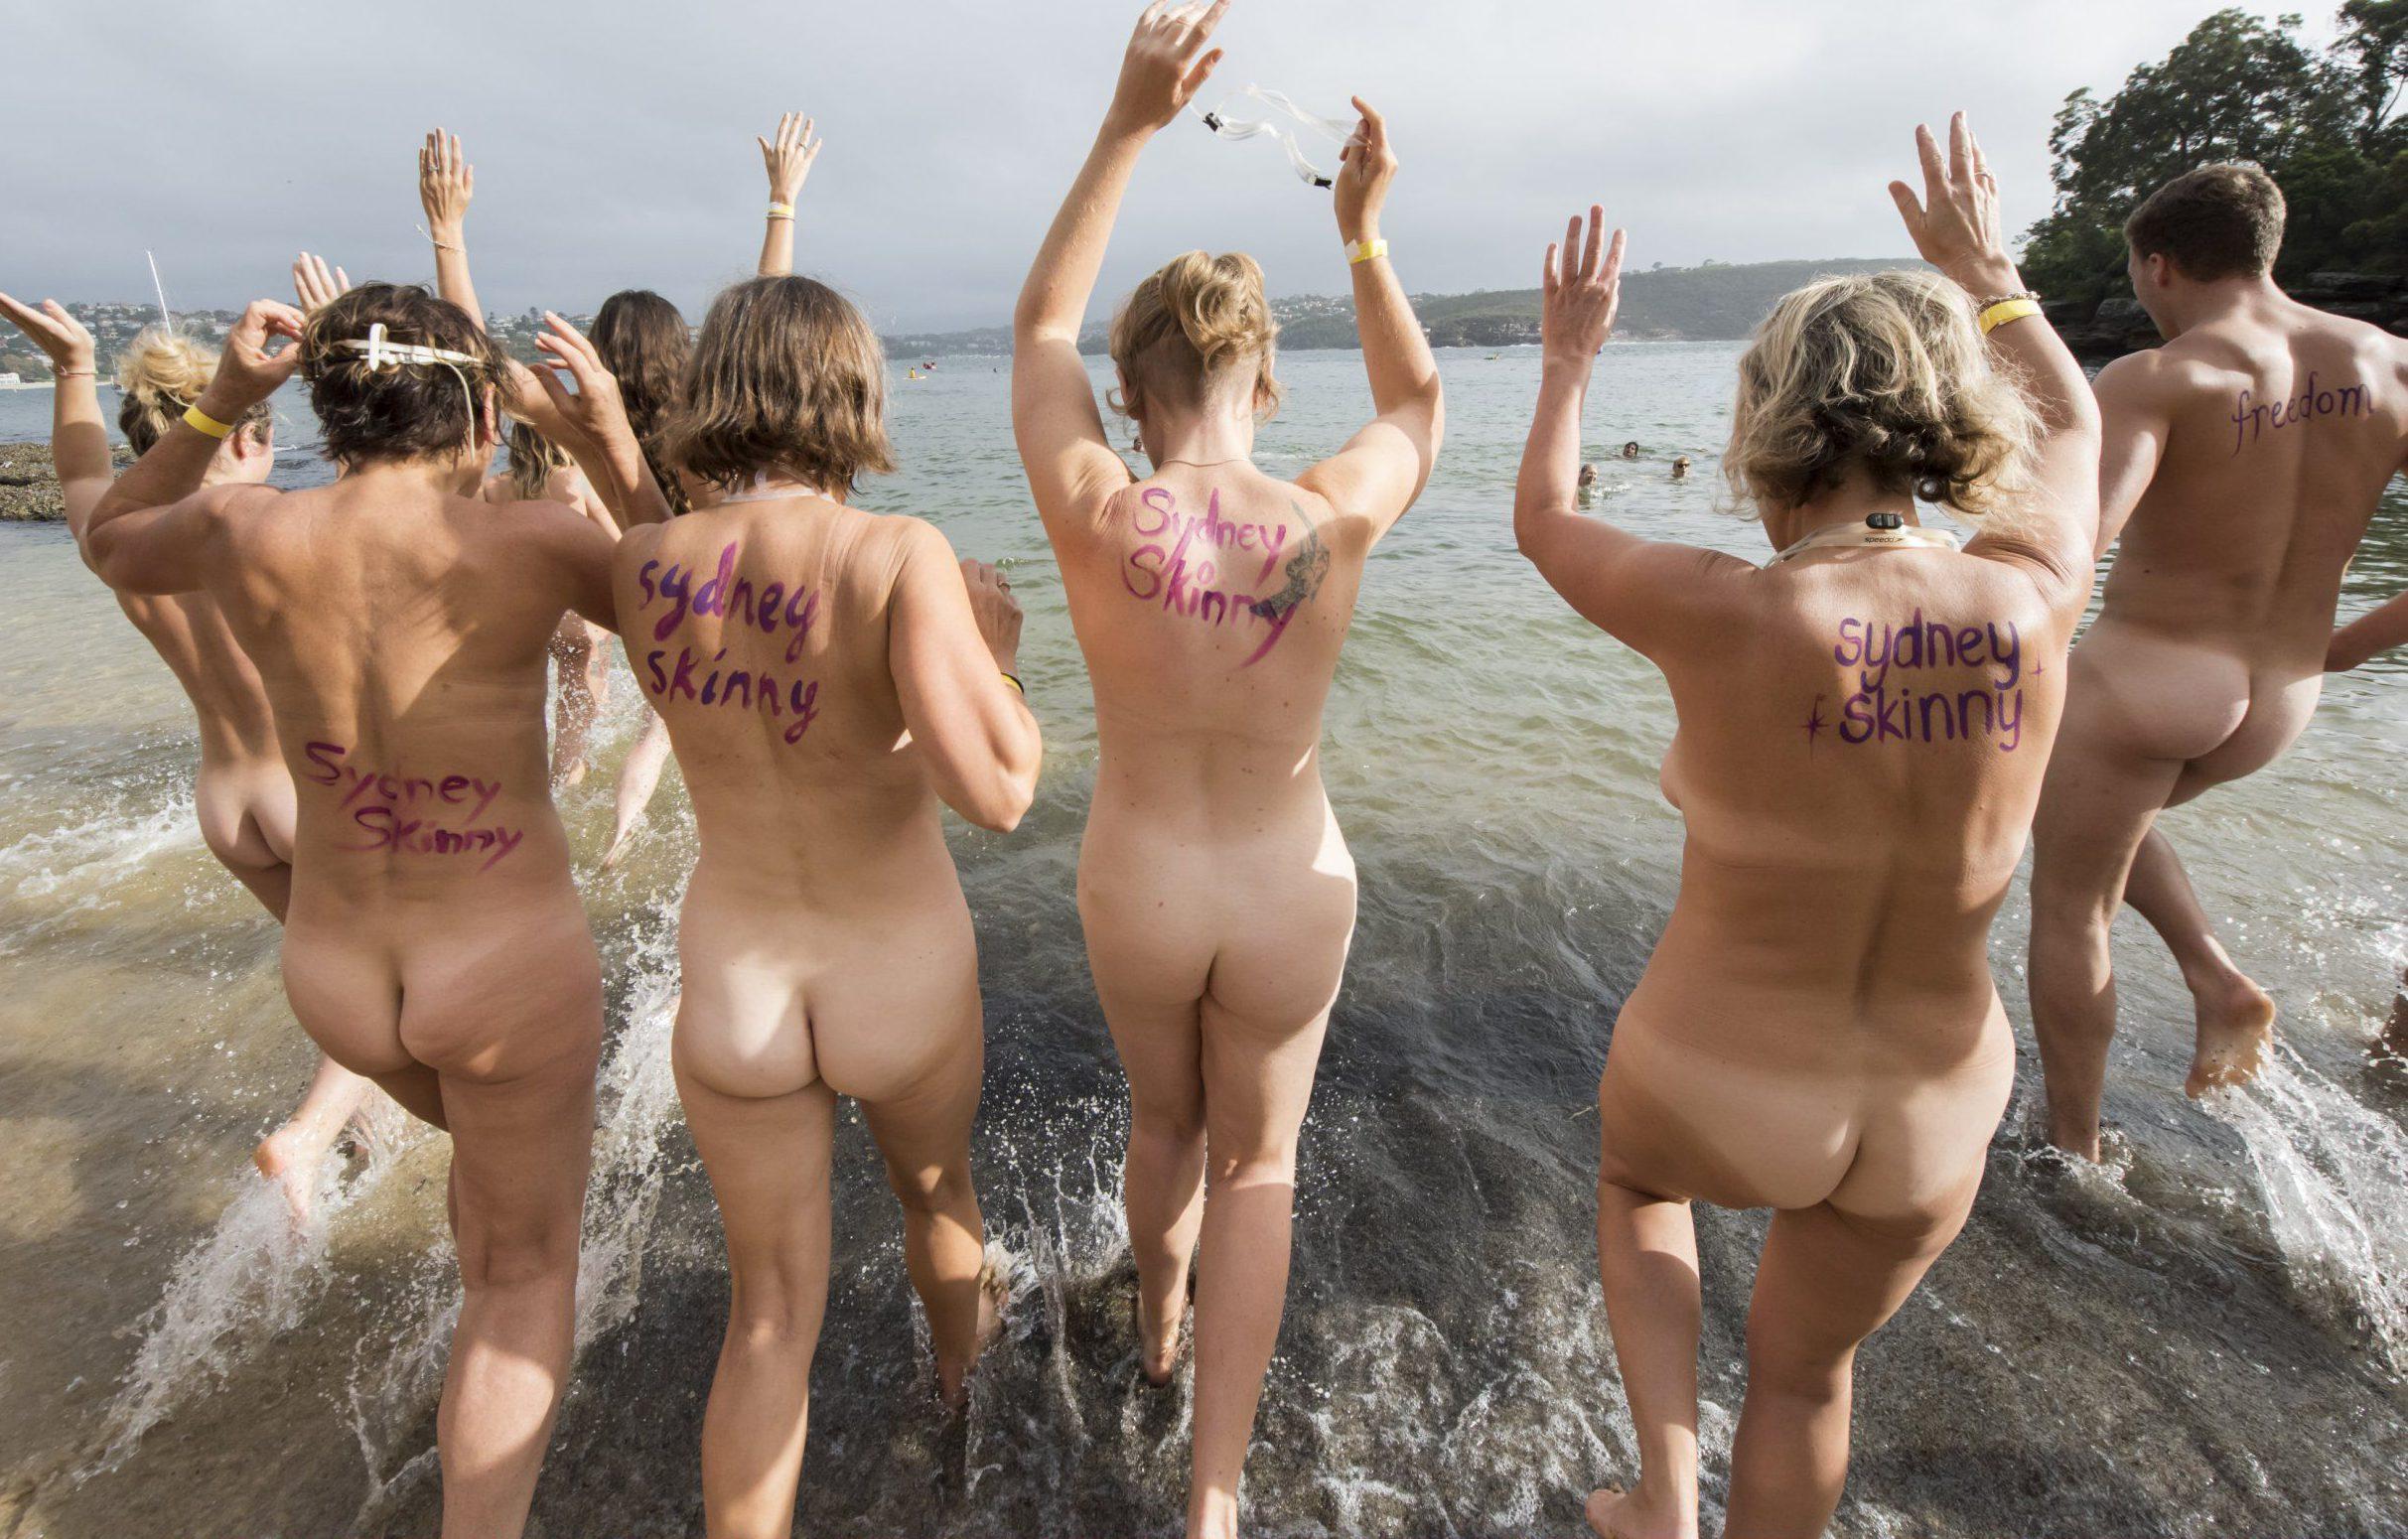 Facebook nude pics